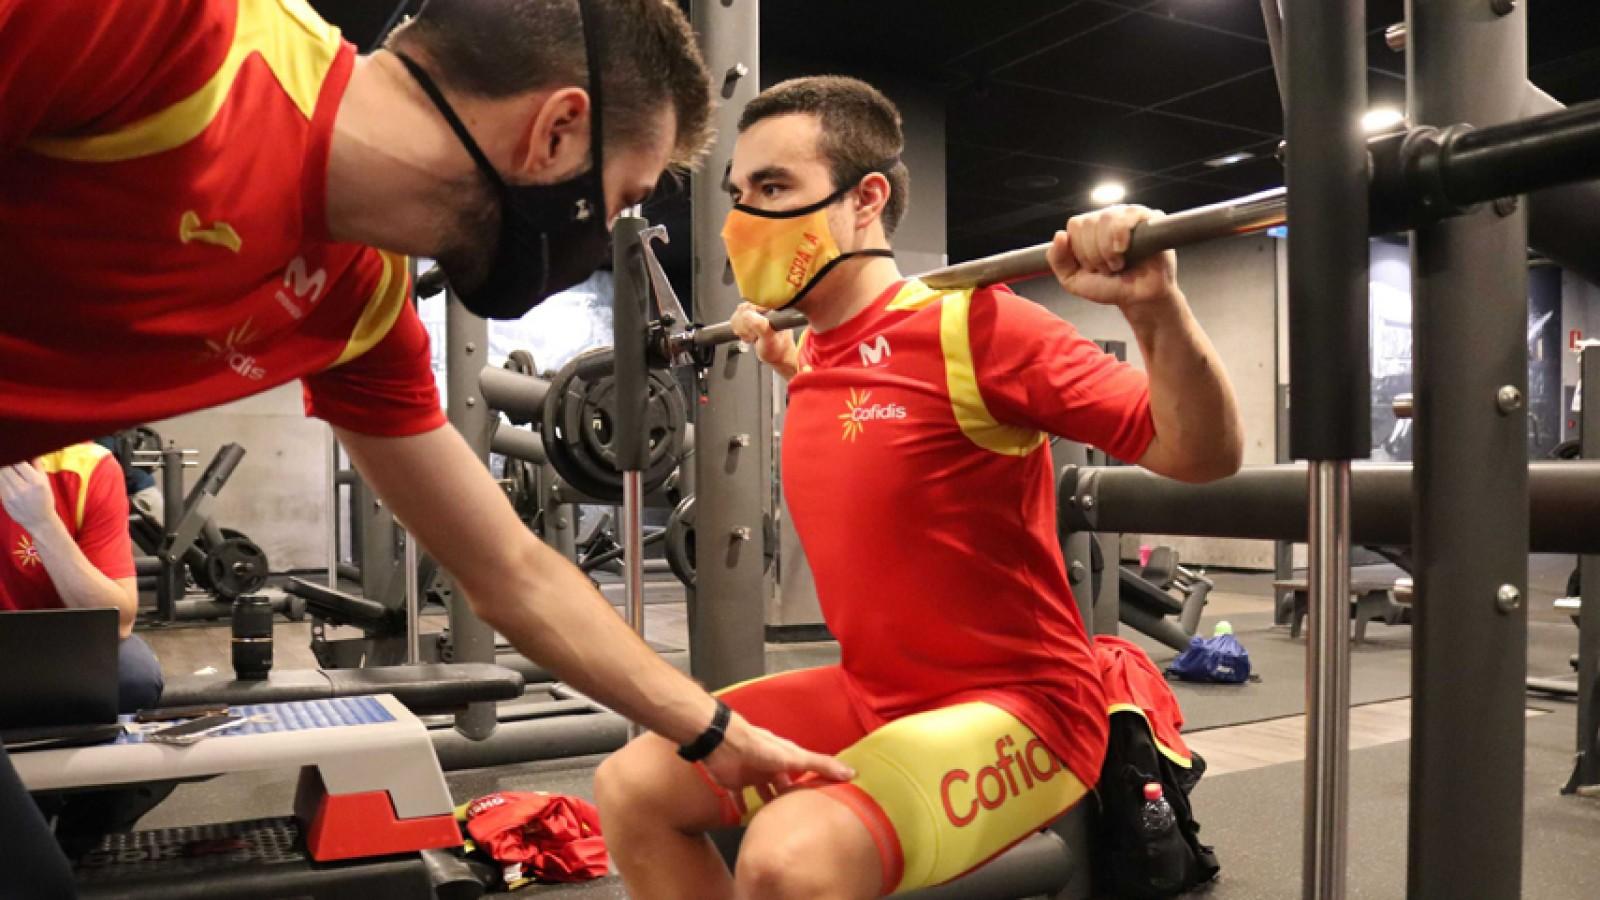 ejercicios-fuerza-ciclismo-perder-peso/